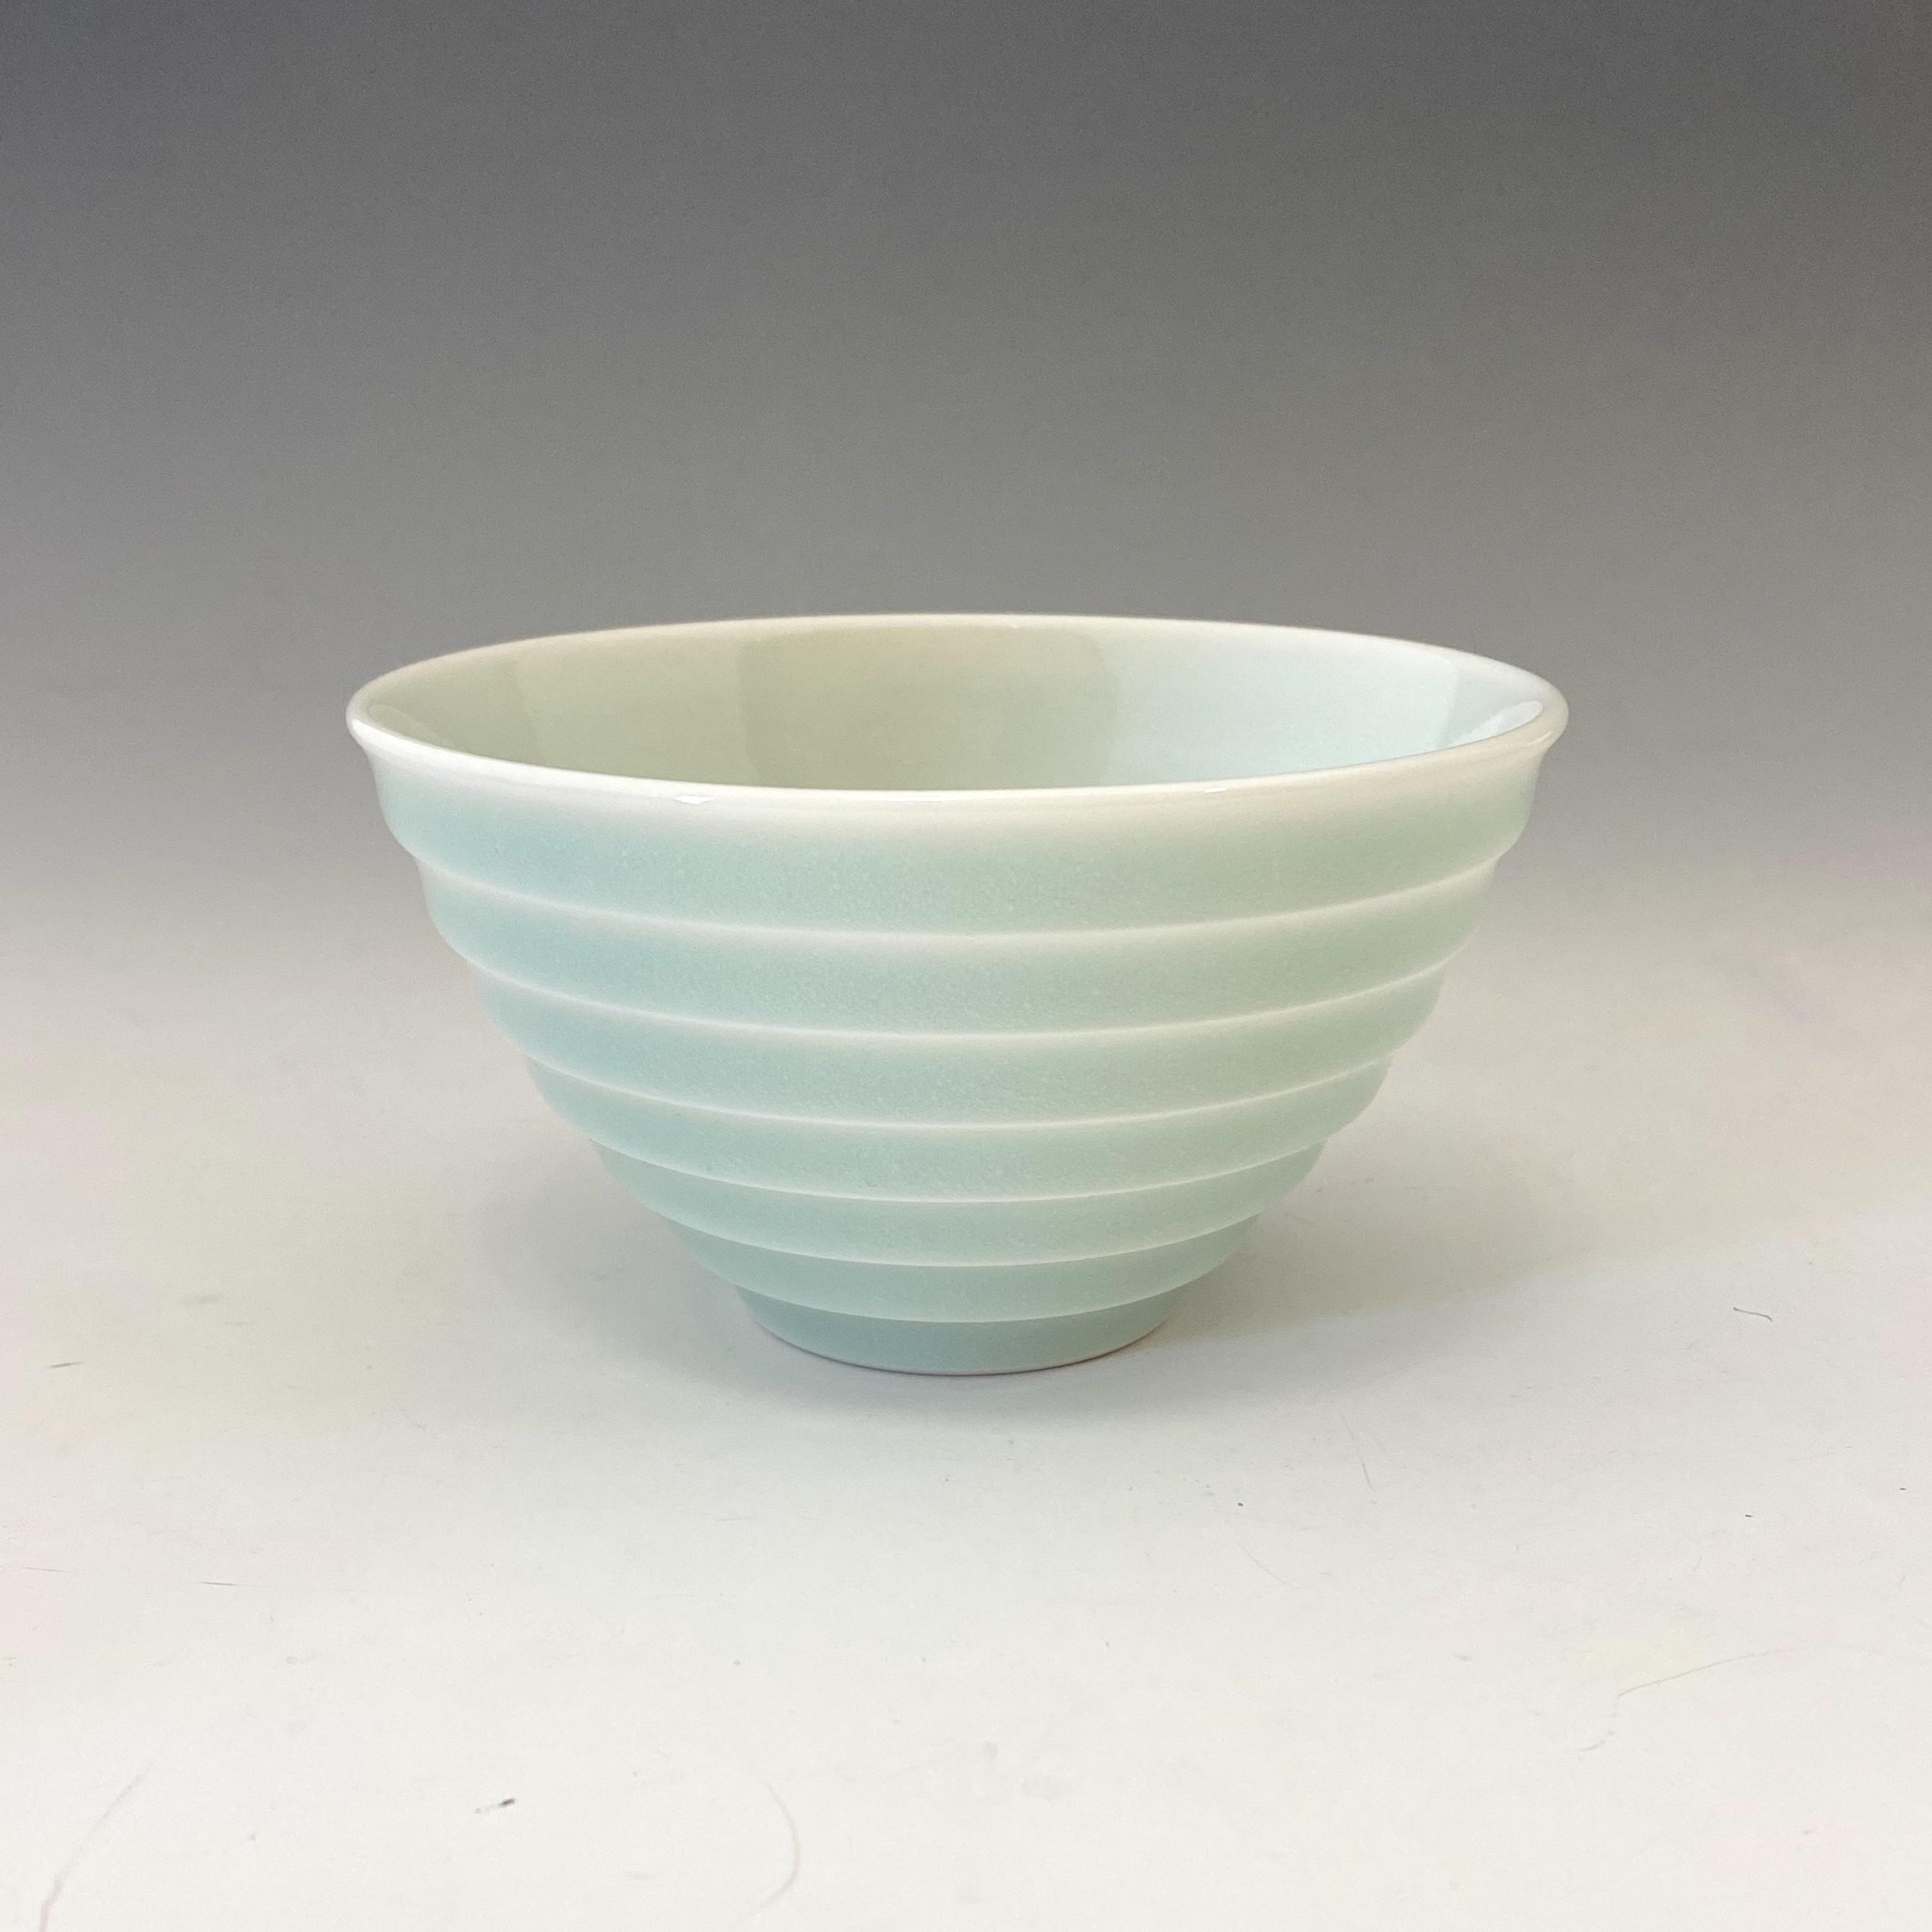 【中尾純】青白磁線段碗(小)